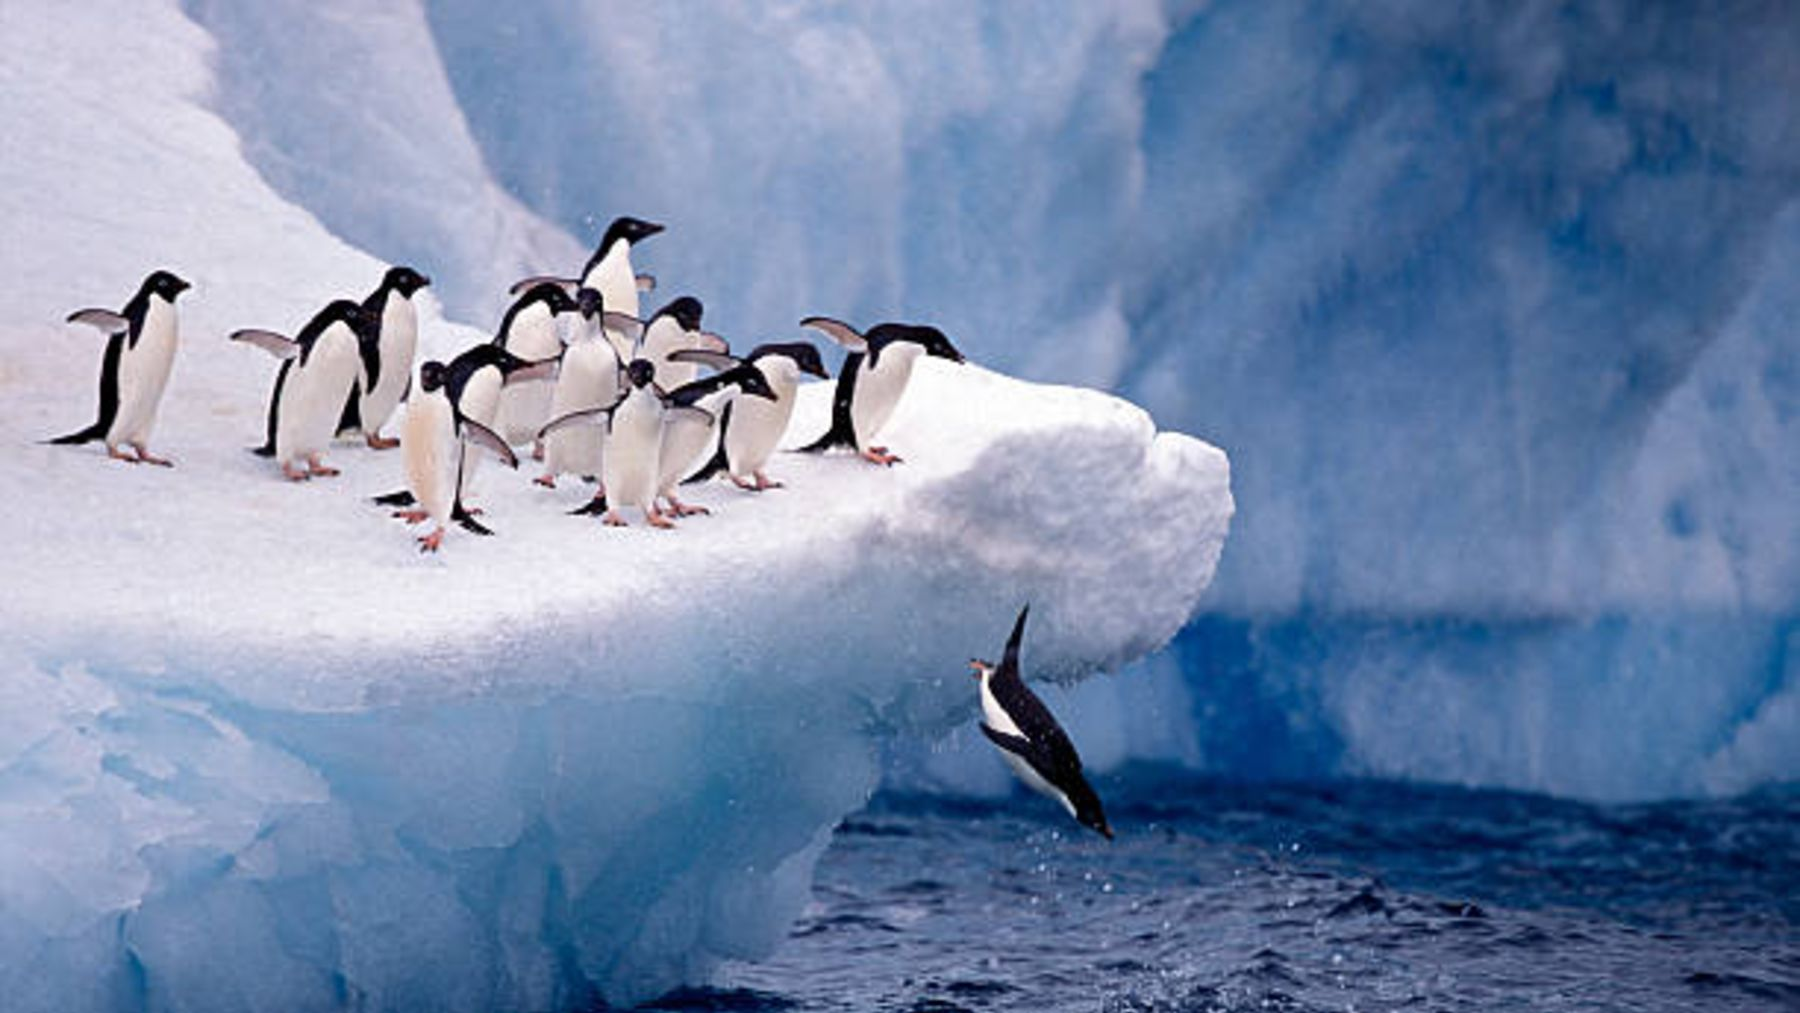 Descubre qué especies de animales son autóctonas de la Antártida